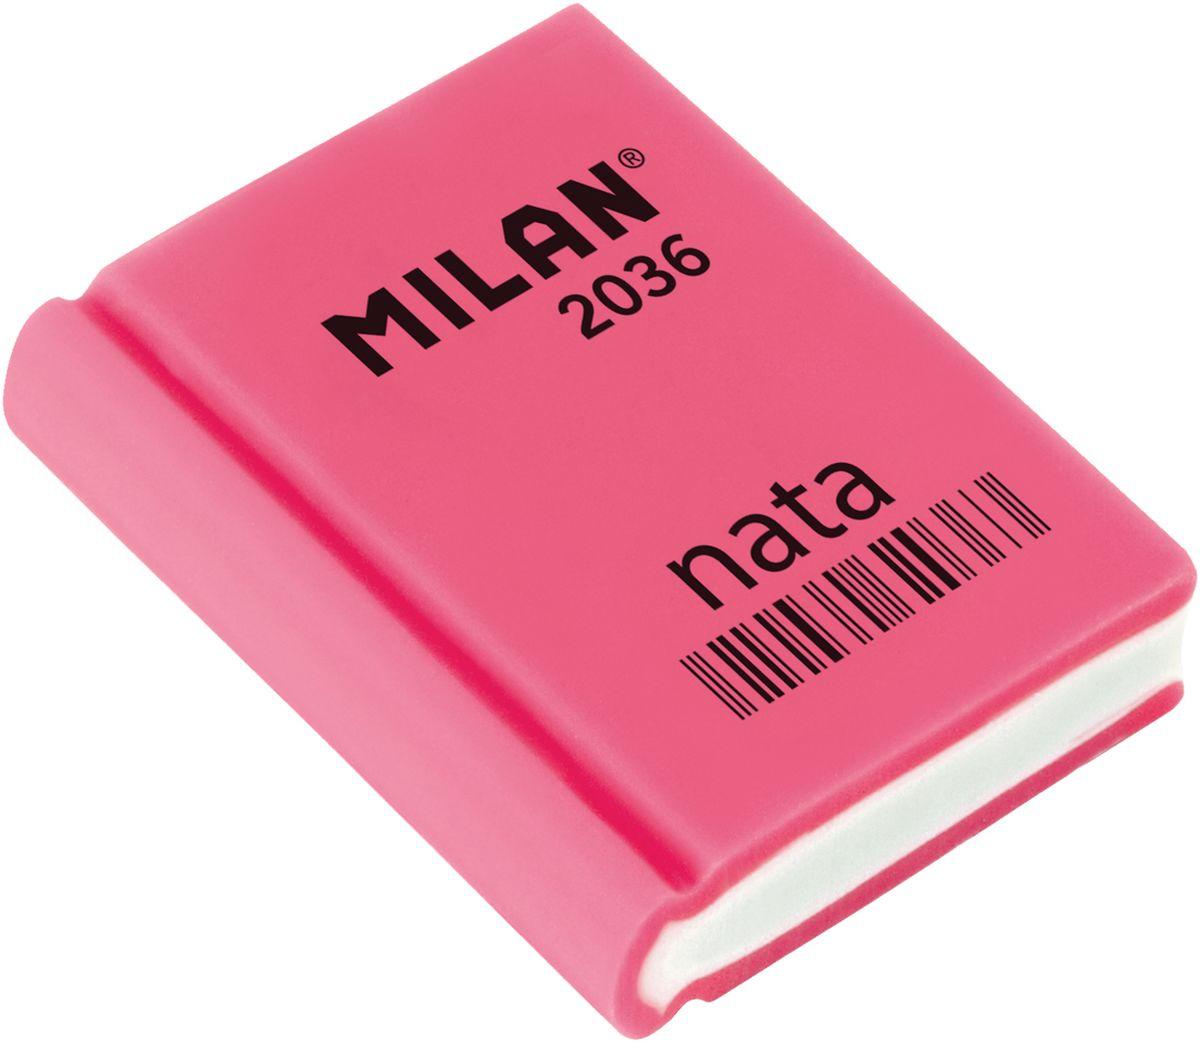 Milan Ластик Nata 2036 прямоугольный цвет розовый